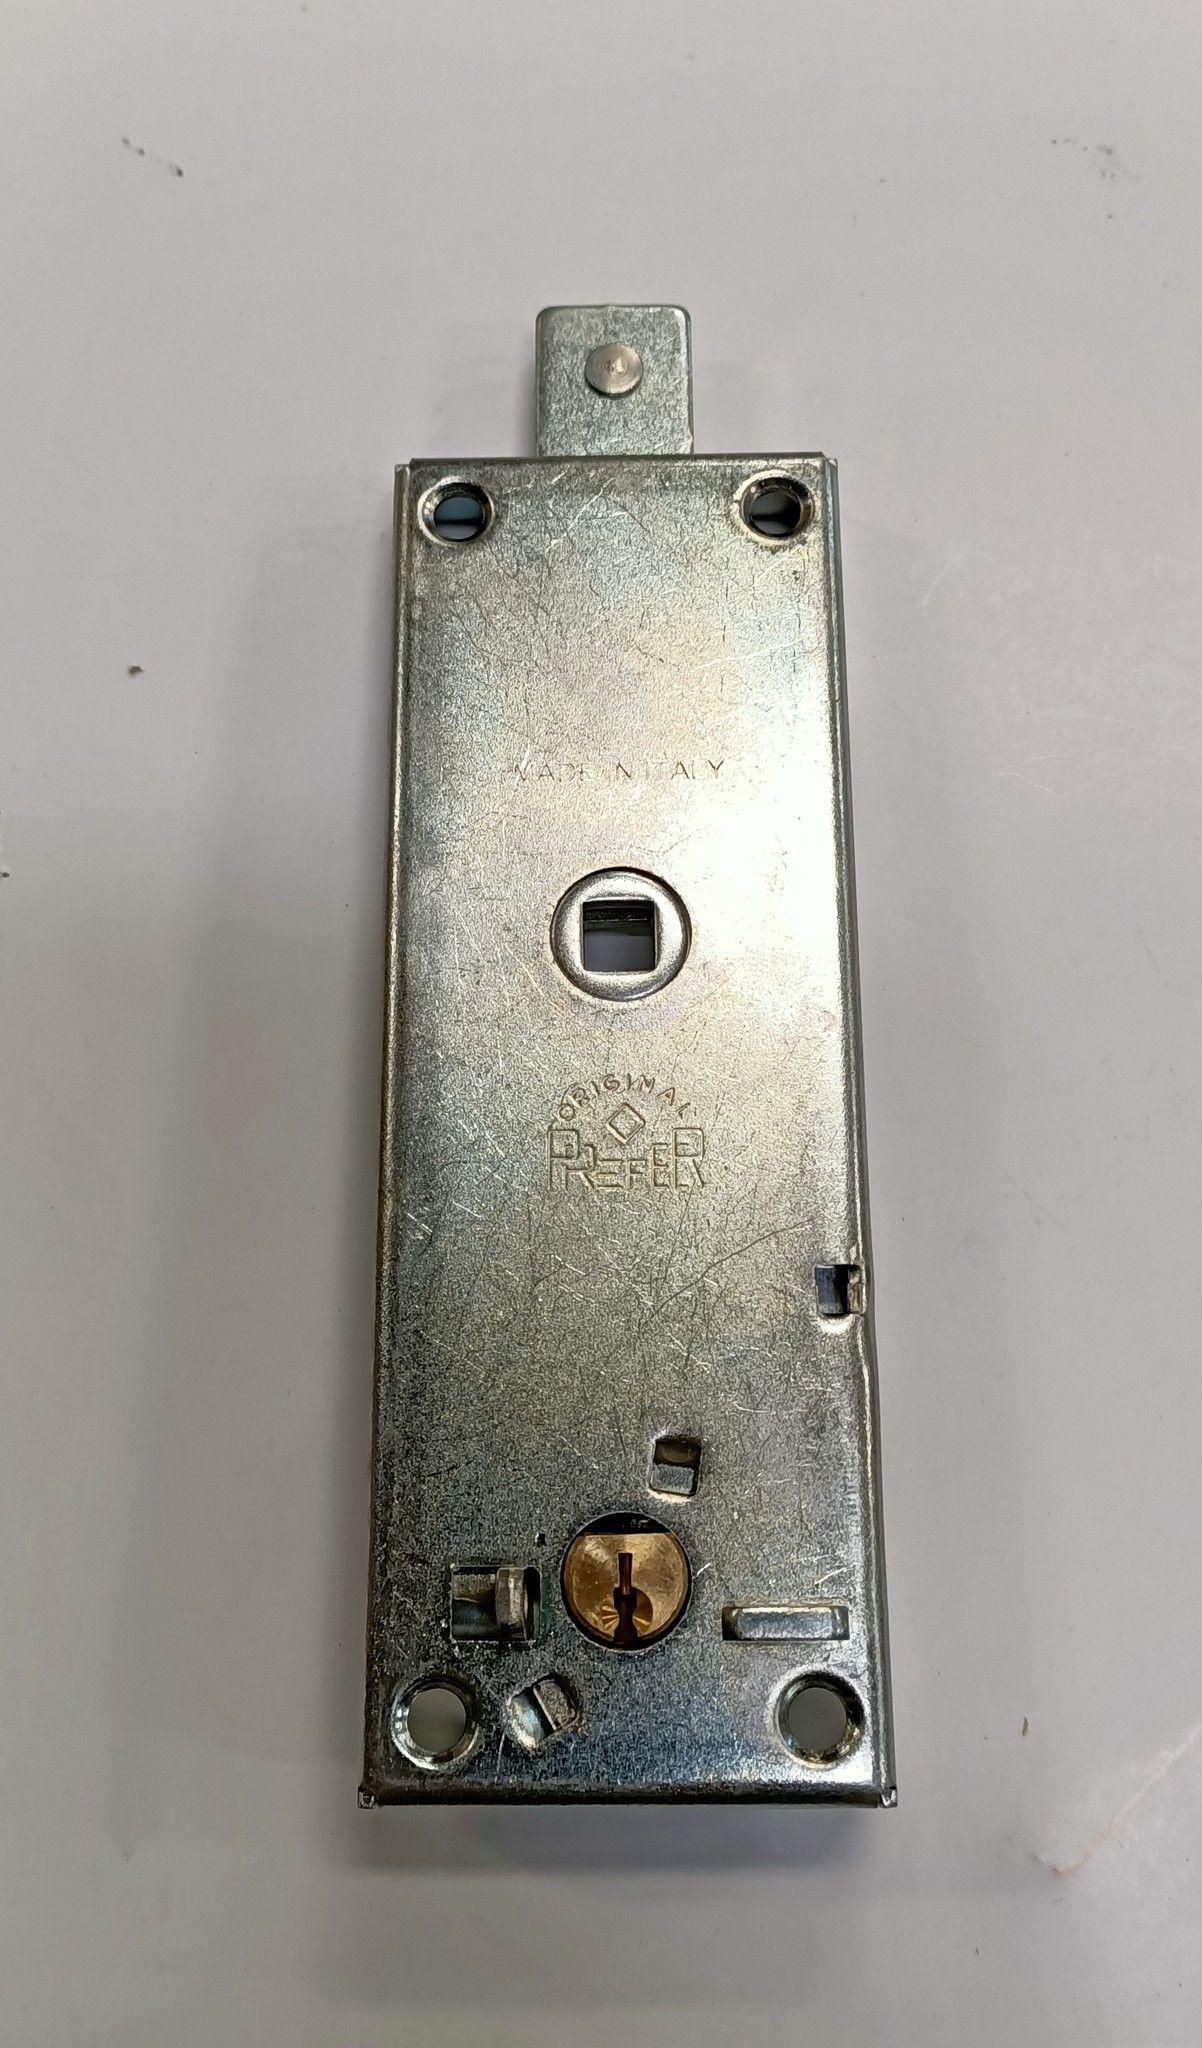 Serratura PREFER B551 per basculante/garage a cilindro tondo con quadro maniglia